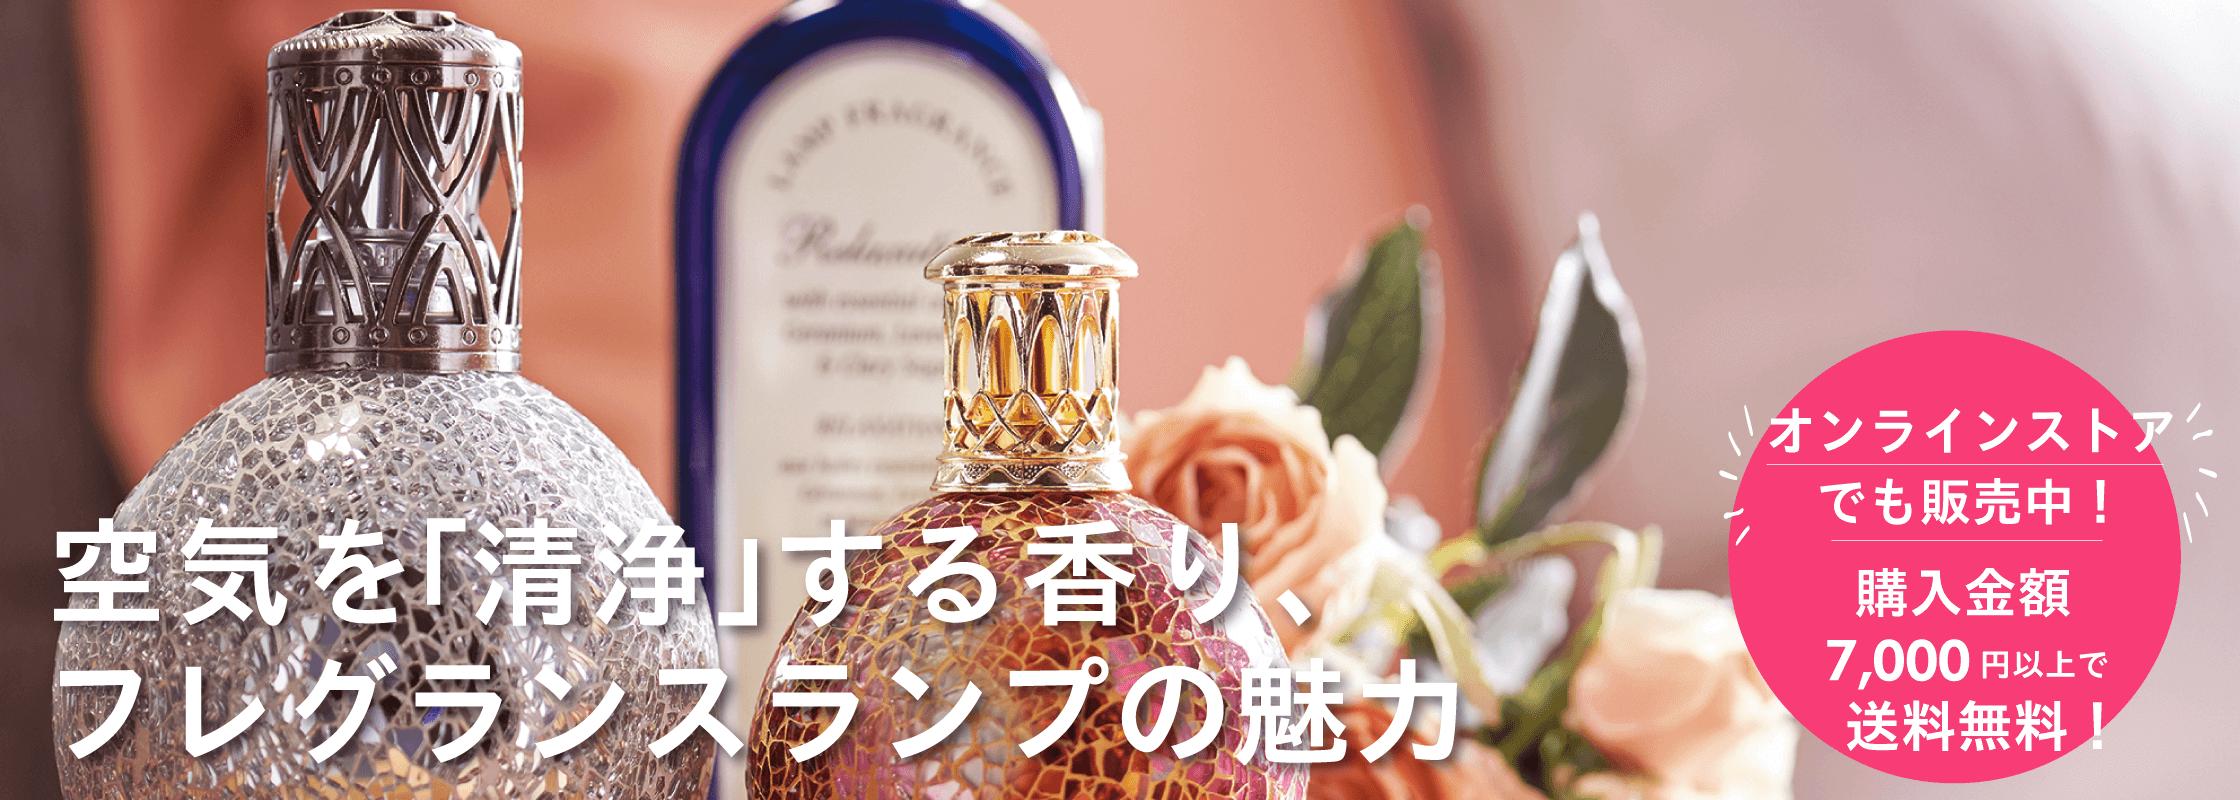 空気を清浄する「香り」フレグランスランプ